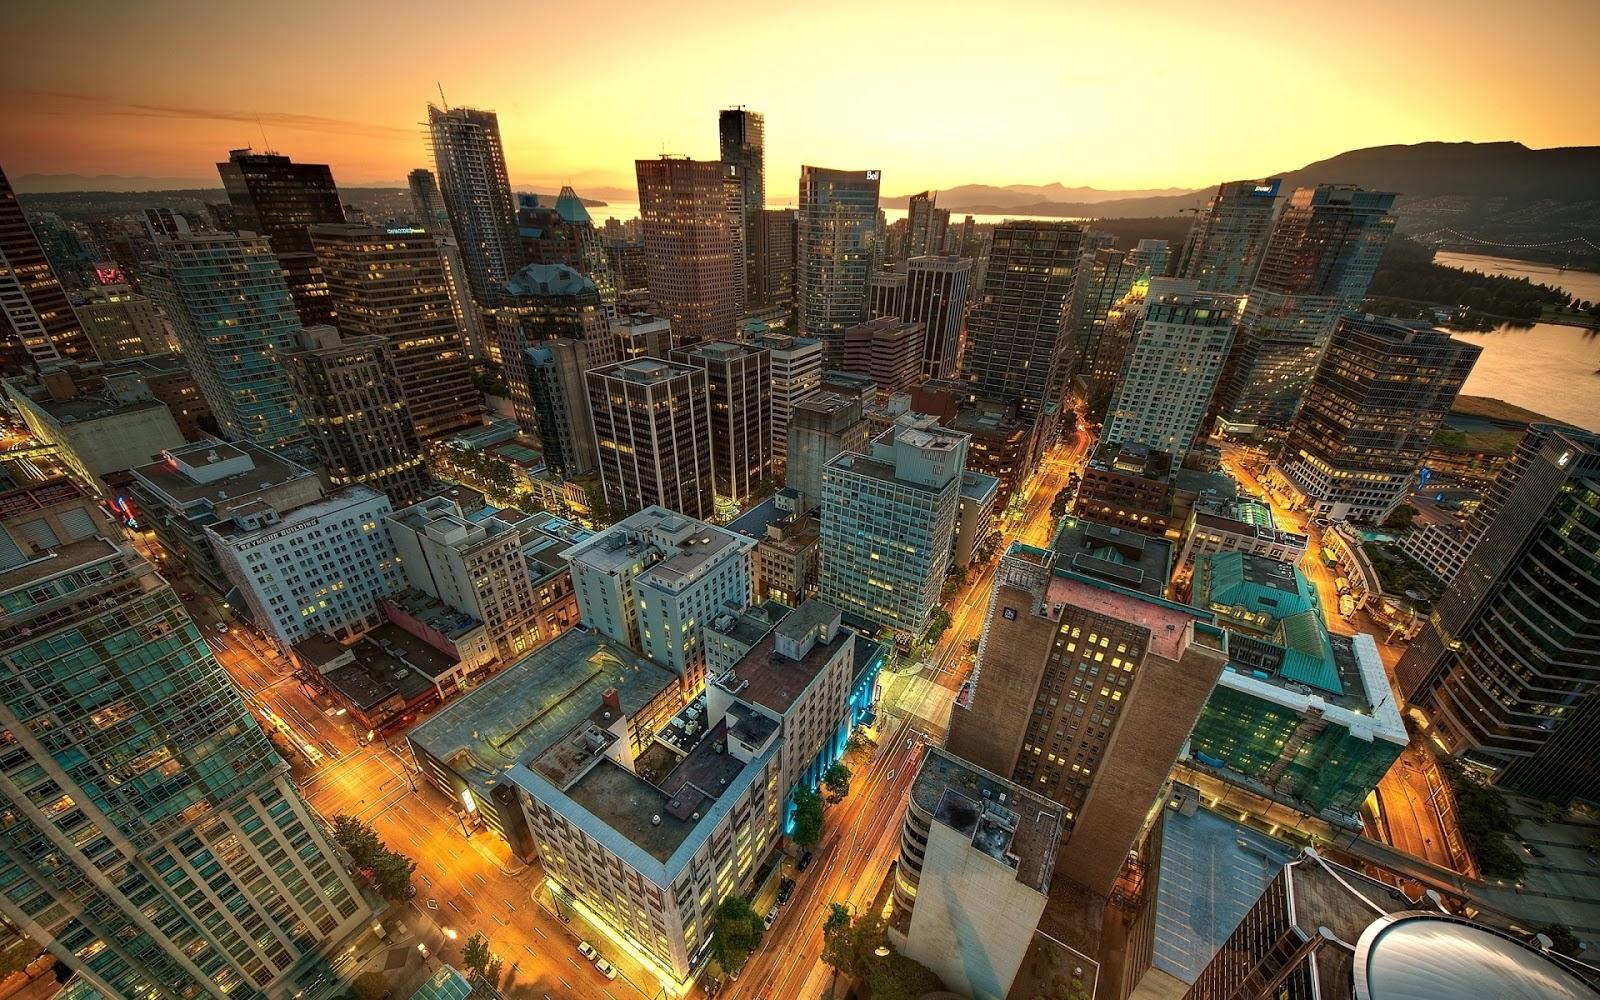 Gün batımı şehir manzarası resmi gün batımı şehir manzarası